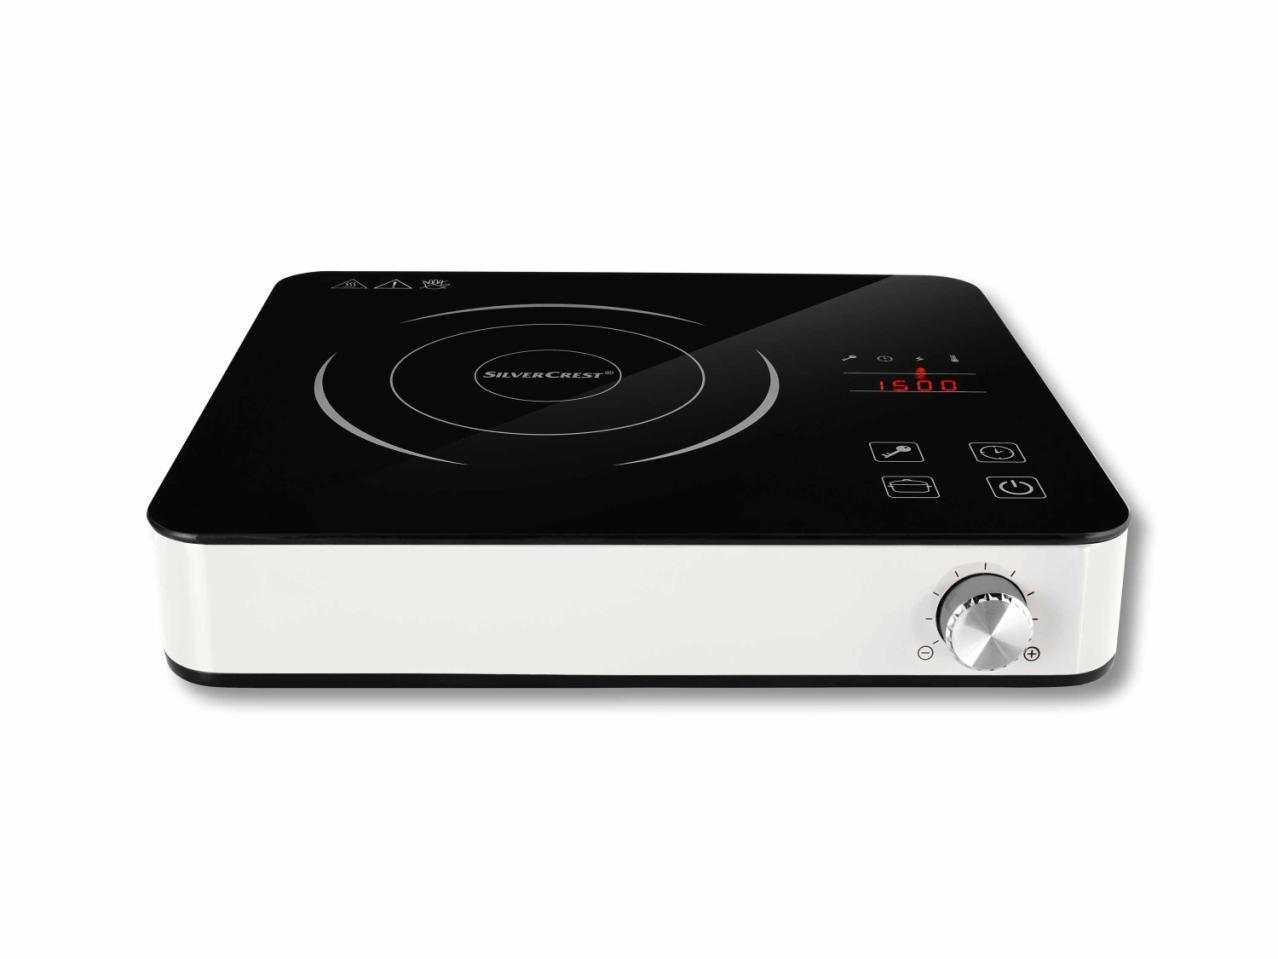 Ultraschall Entfernungsmesser Lidl : Lidl küchenmaschine produktvideo bettdecken erwin müller vito